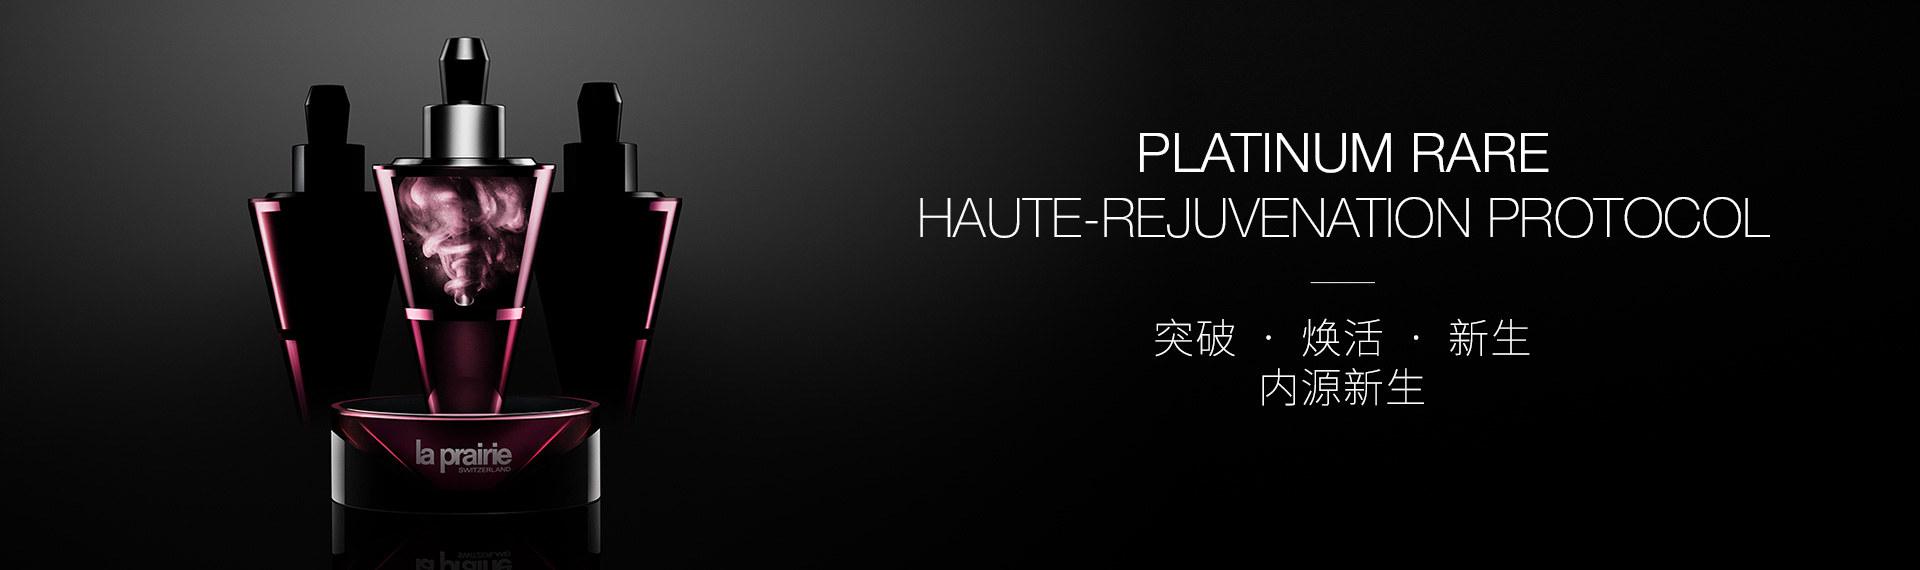 PLATINUM RARE HAUTE-REJUVENATION PROTOCOL